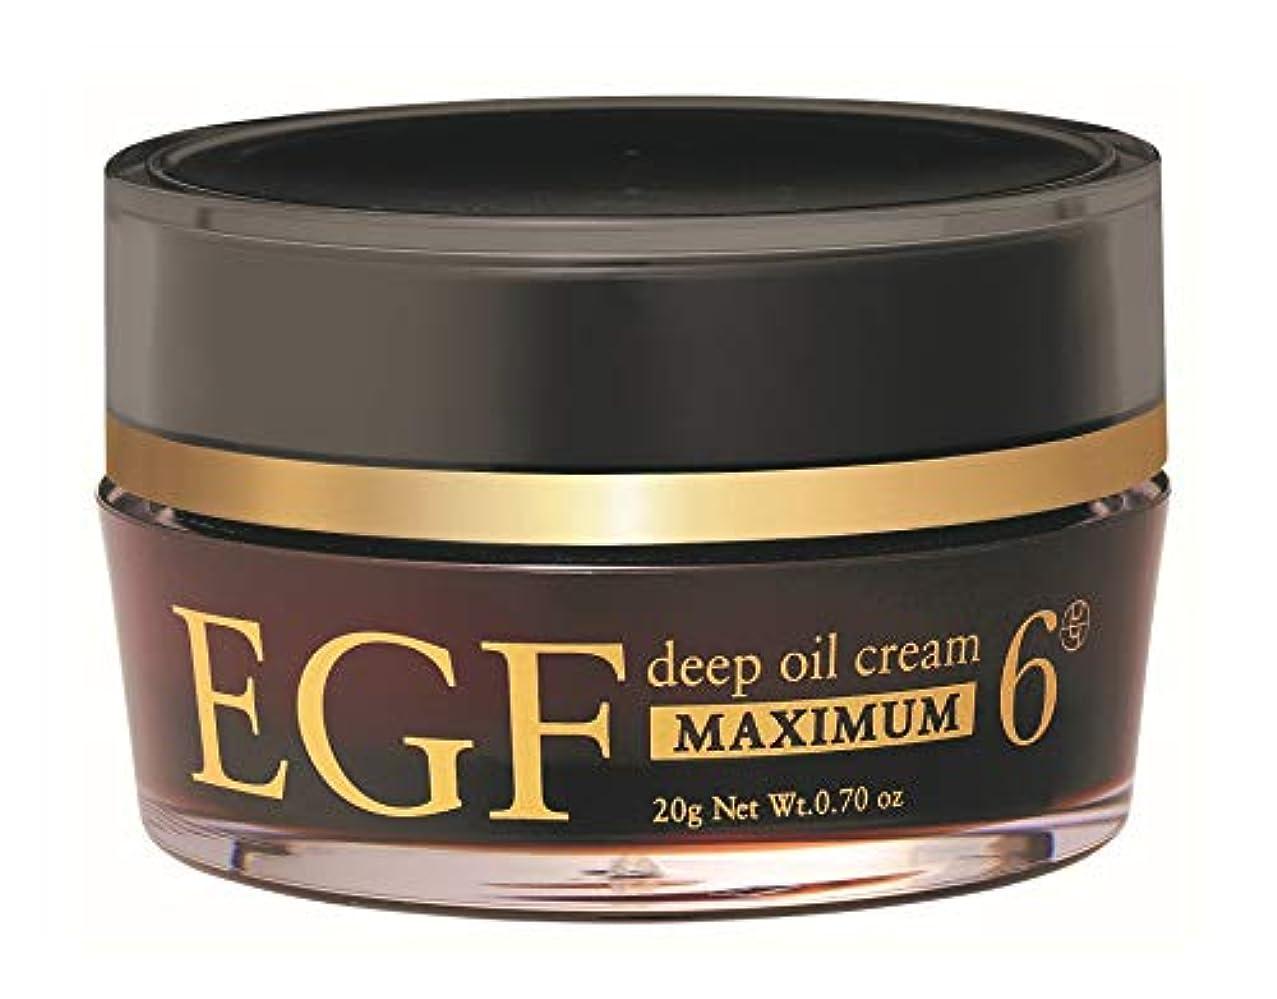 不一致ベット受賞EGF ディープオイルクリーム マキシマム [ 20g / 濃度6μグラム ] エイジングケア 浸透型オイルクリーム (高濃度EGFクリーム) 日本製